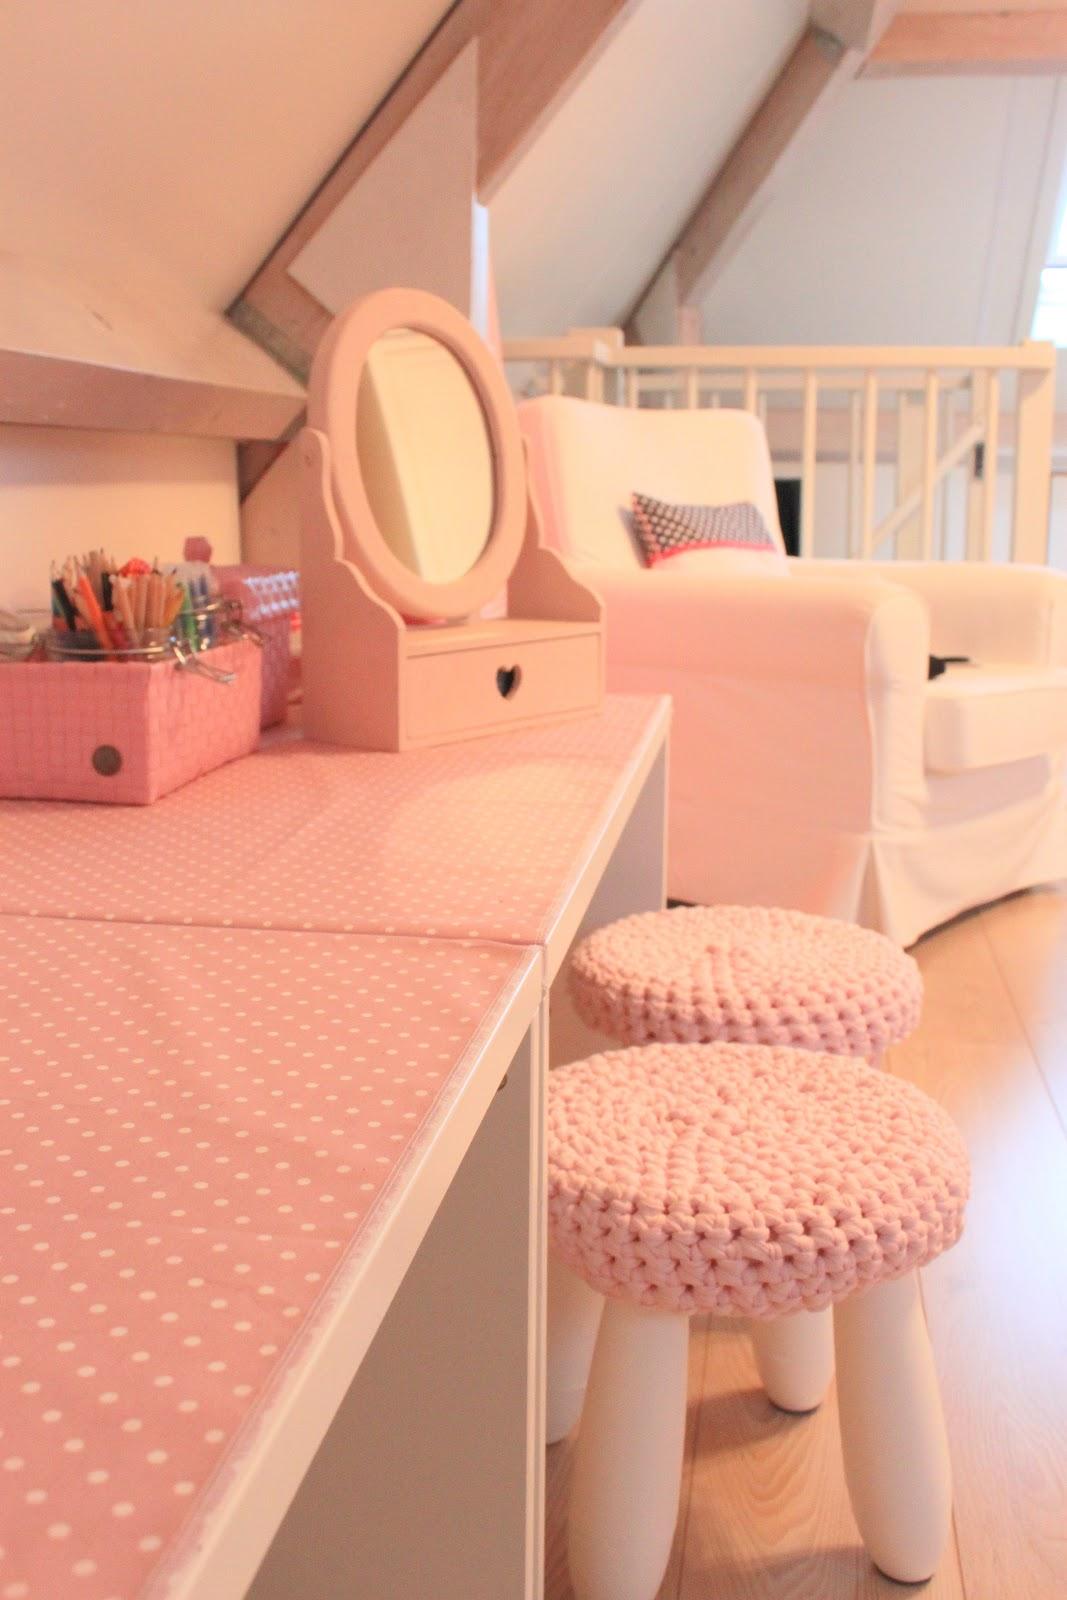 Van jansen de roze zolder - Schilderen voor tiener meisje kamer ...